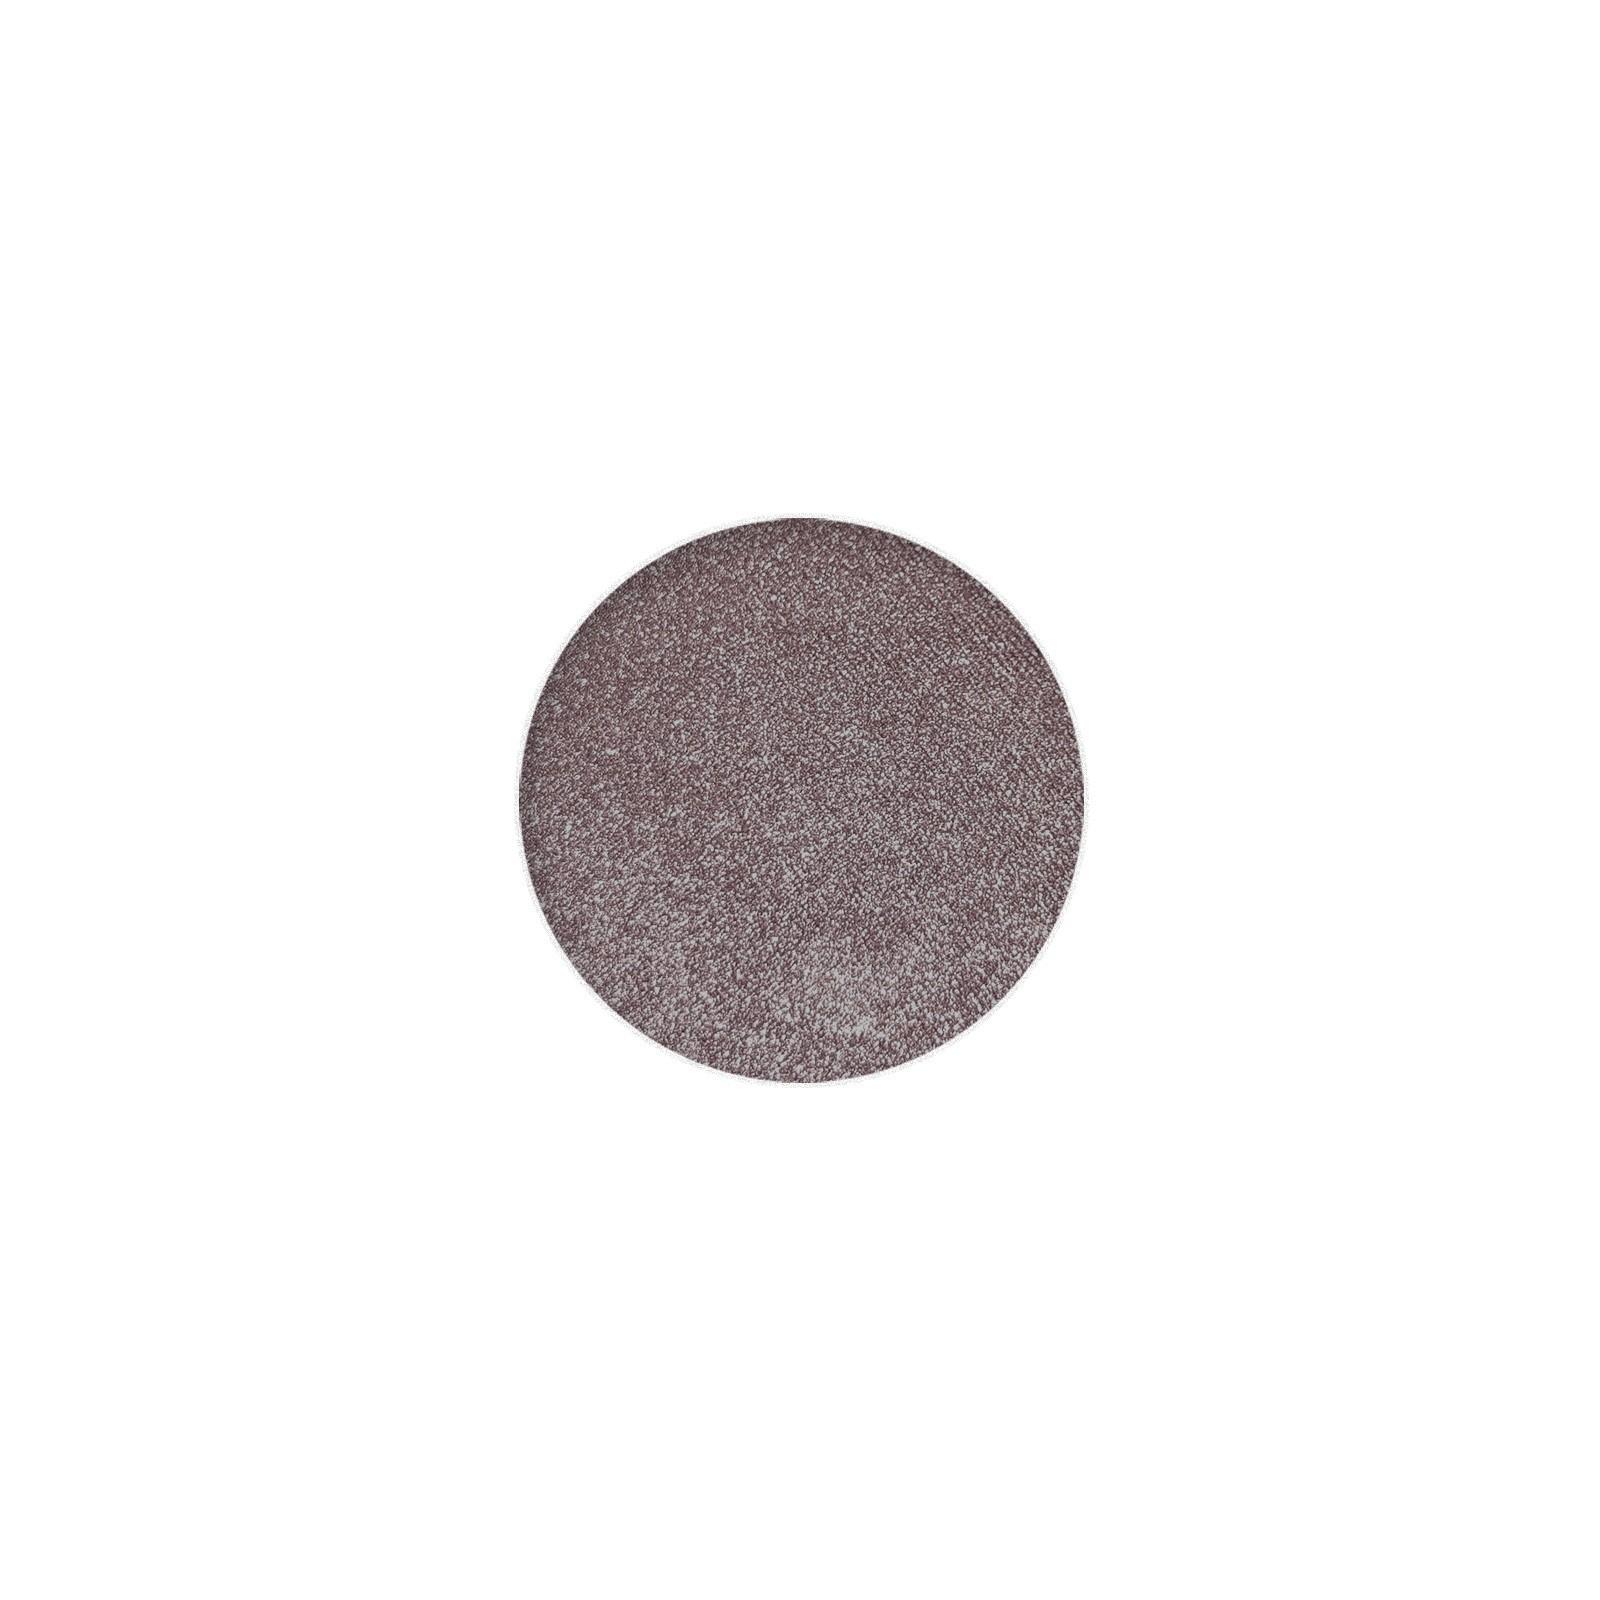 Sombra Mineral Unitária Refil 38